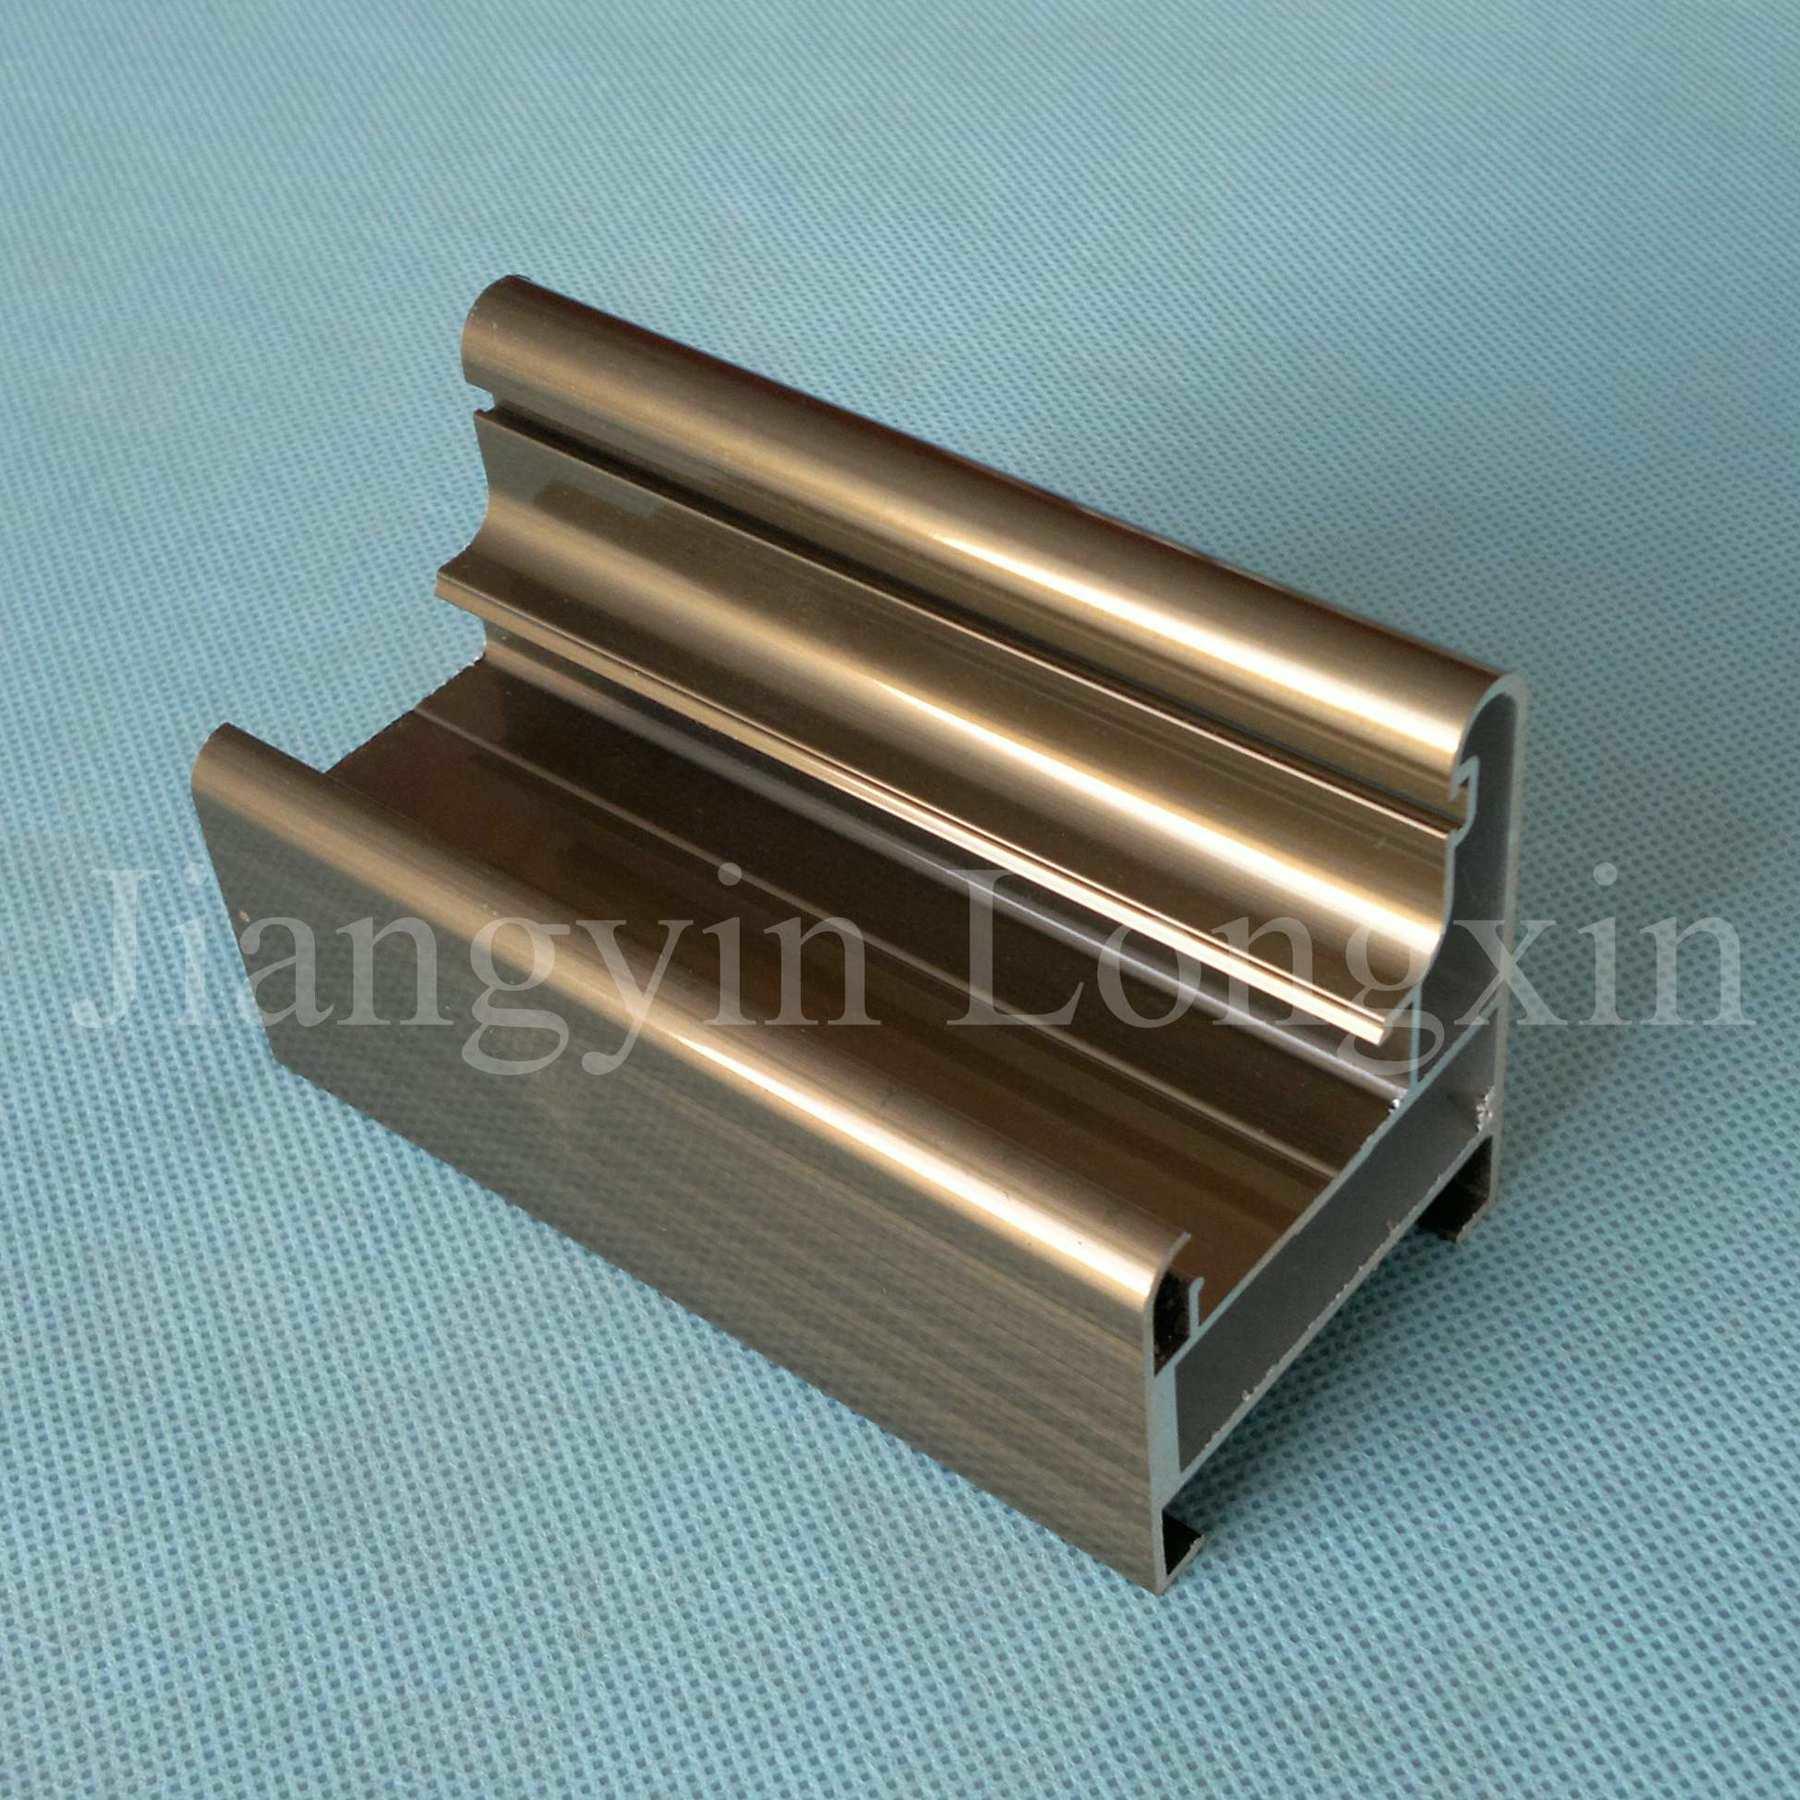 Foto de perfil de alum nio anodizado bronze para portas em - Perfil aluminio anodizado ...